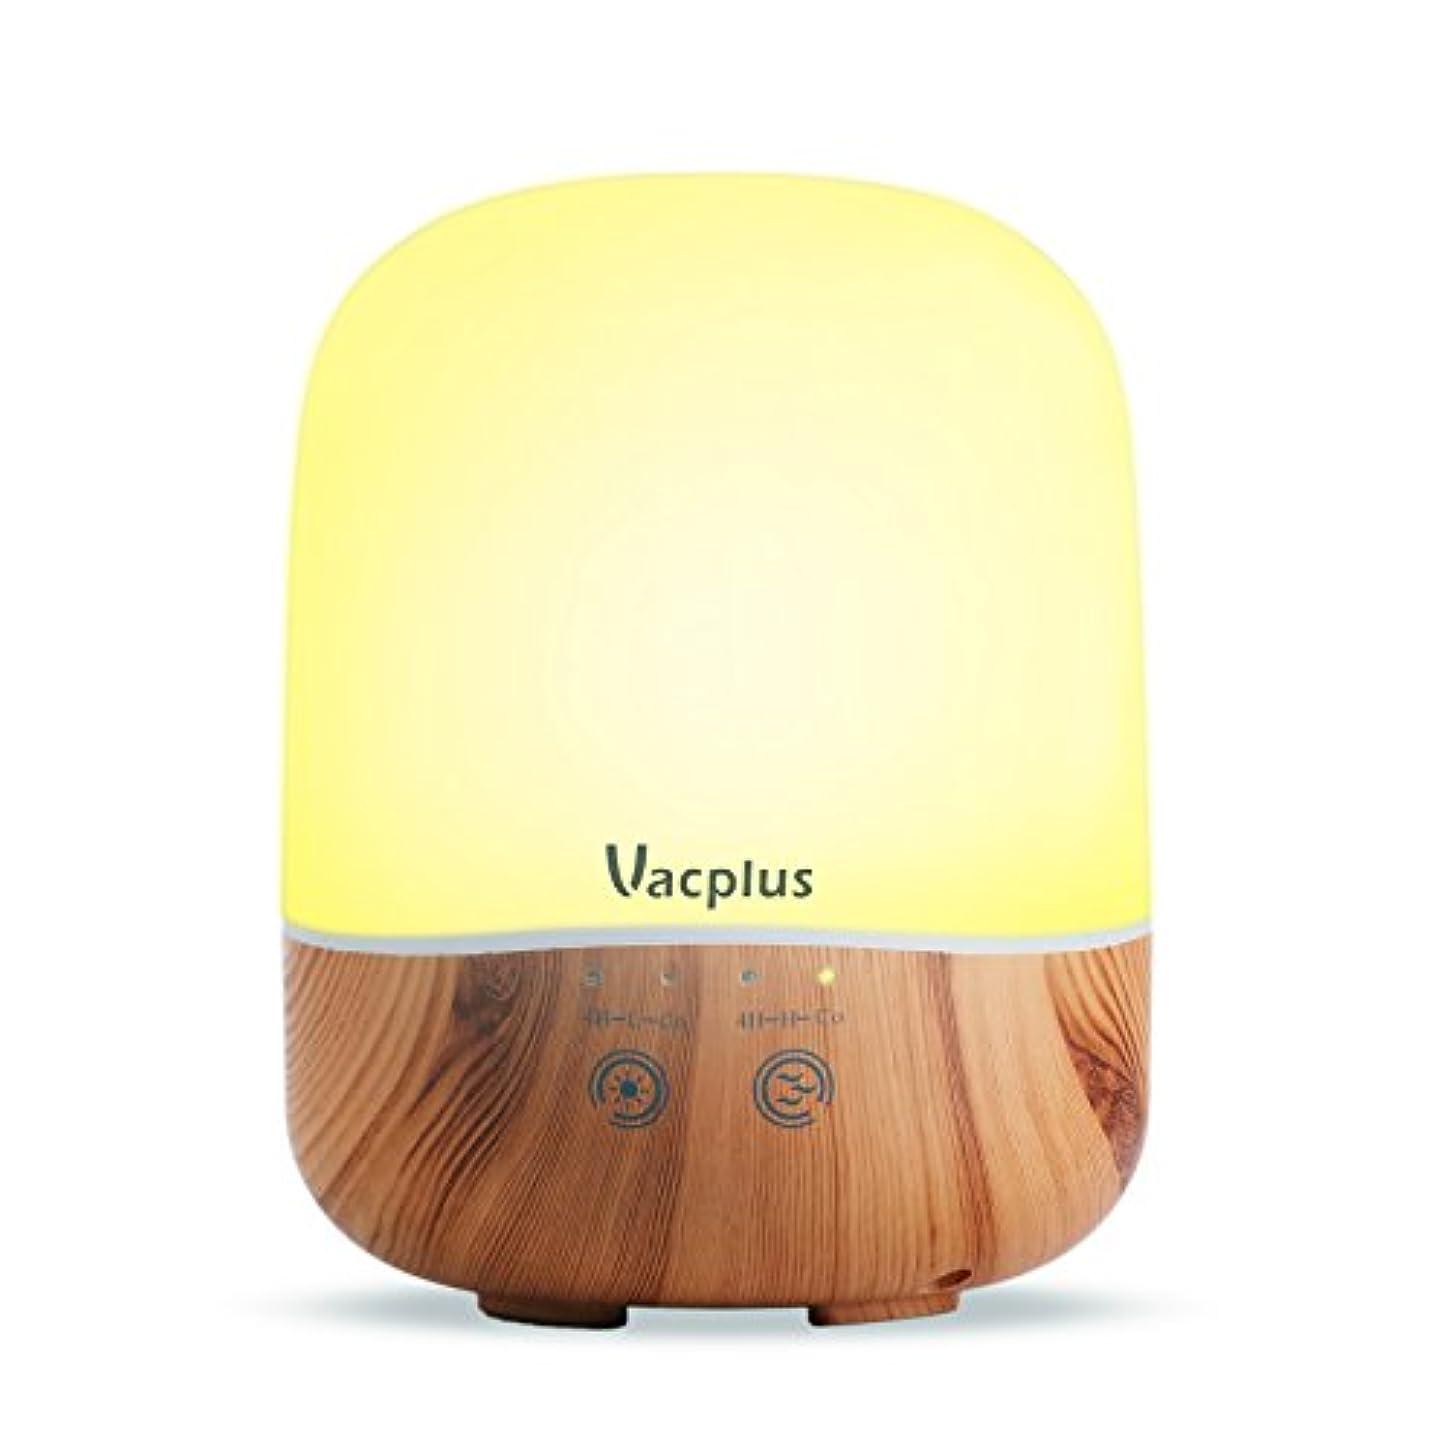 化合物入射是正Vacplus アロマディフューザー 加湿器 300ml大容量 超音波式 卓上加湿器 七色変換LEDライト 空焚き防止機能(木目調)